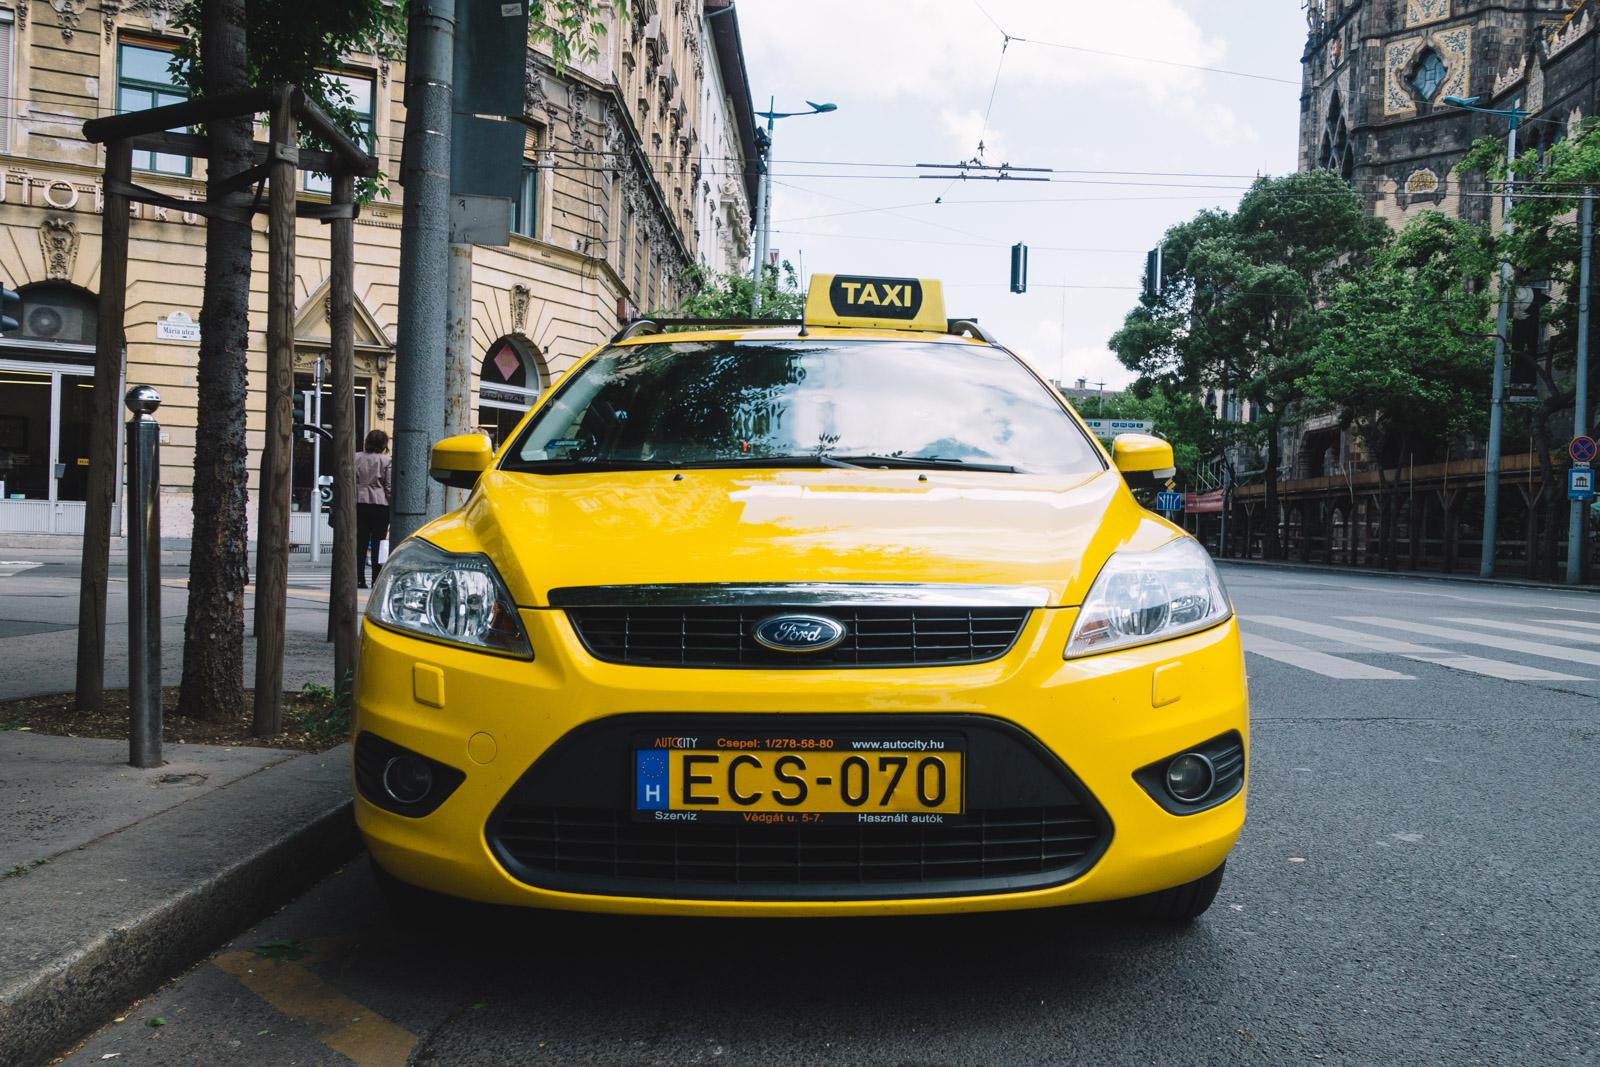 Такси из Будапешта в Вену